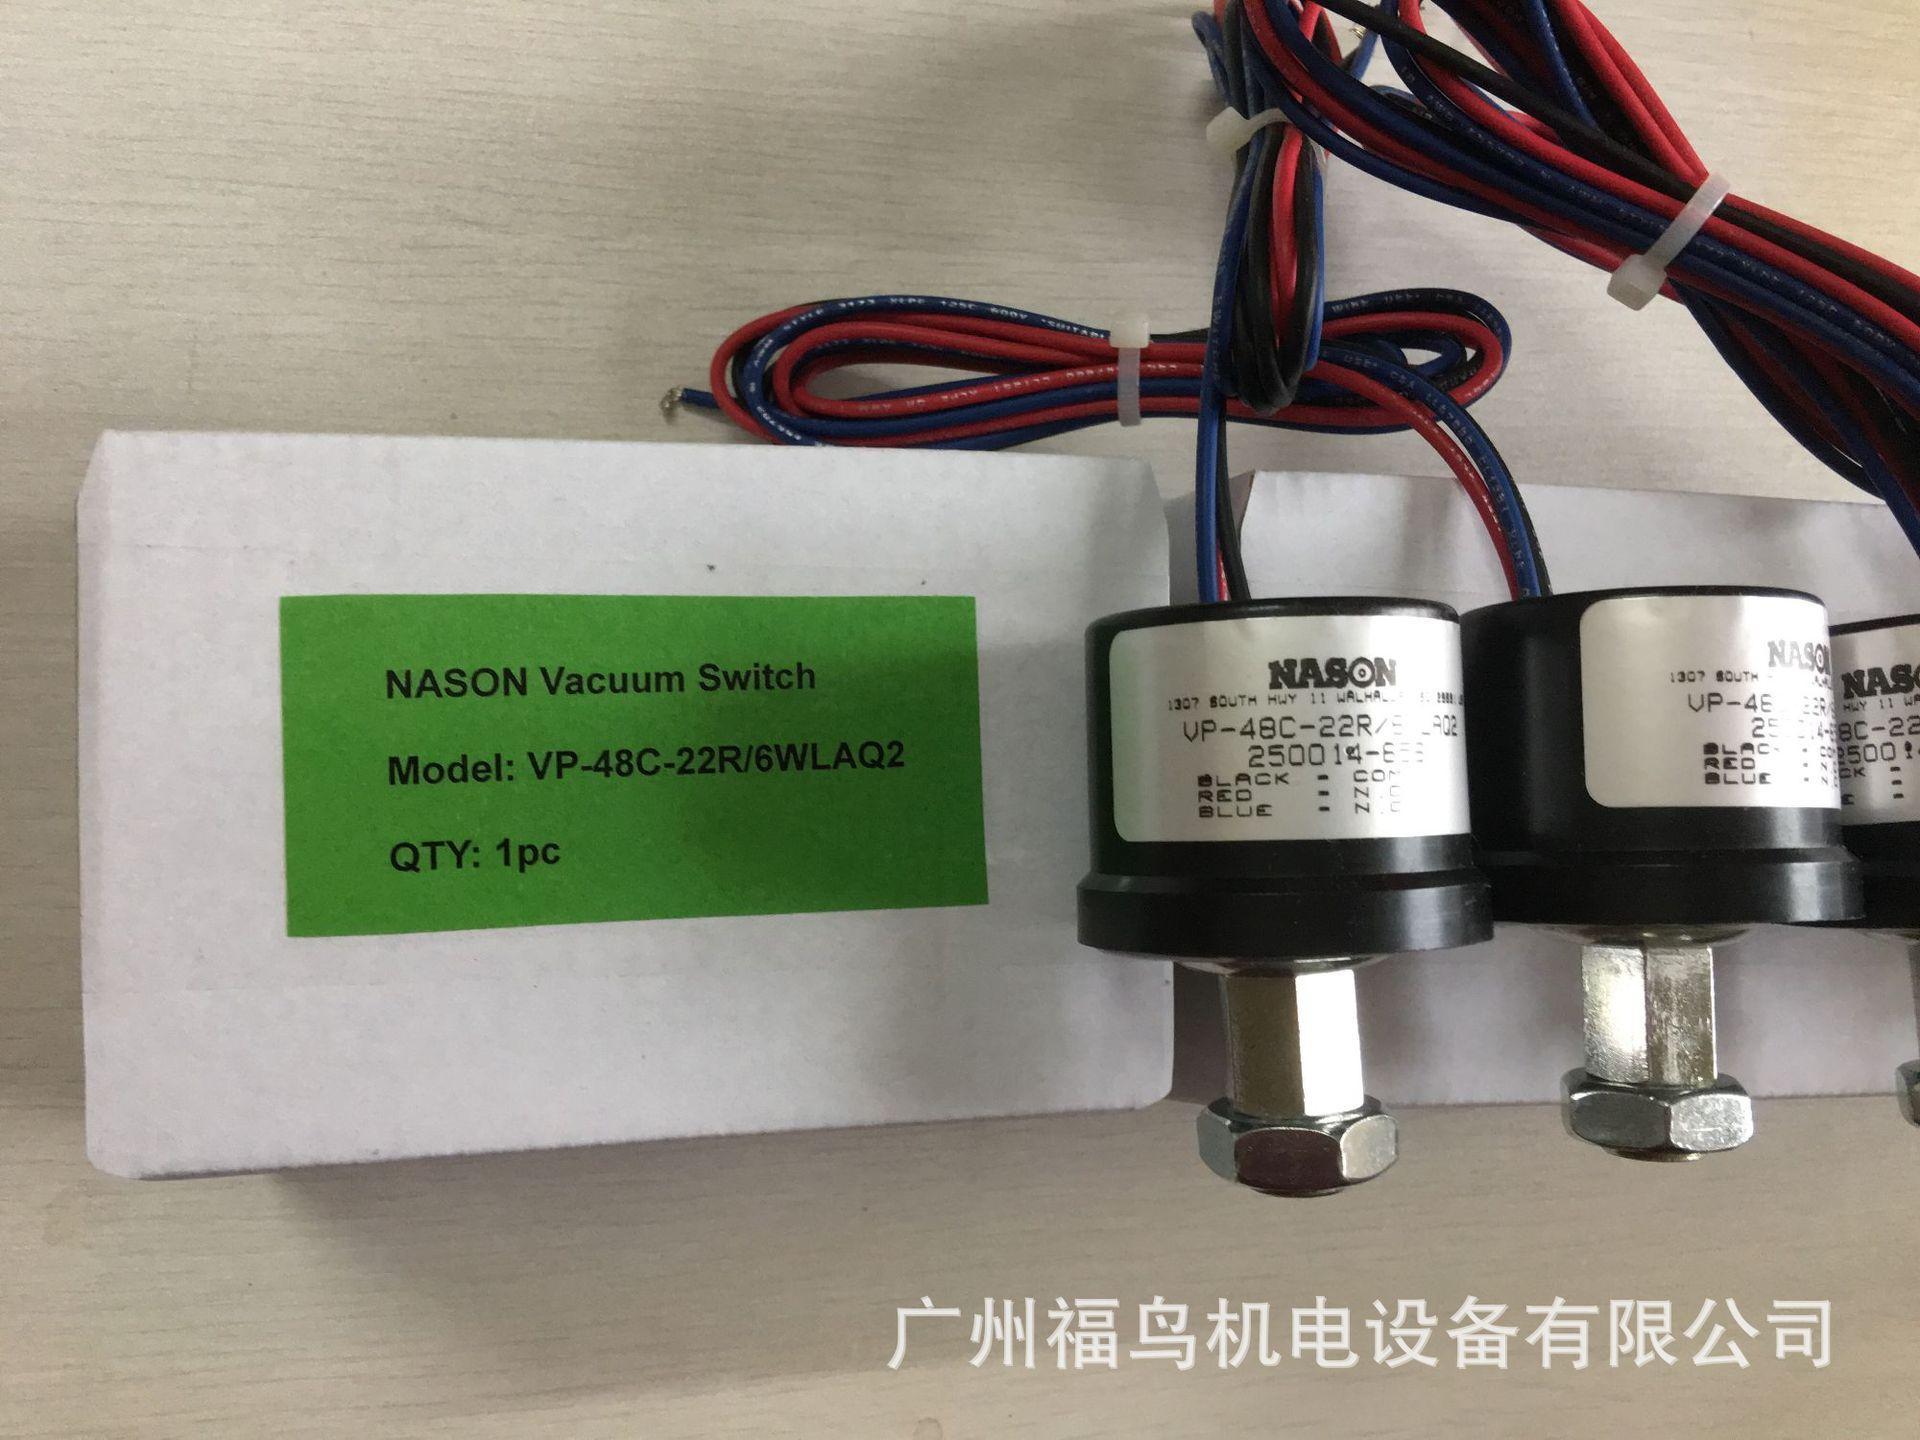 現貨供應NASON壓力開關, 真空開關(VP-48C-22R/6WLAQ2) 6